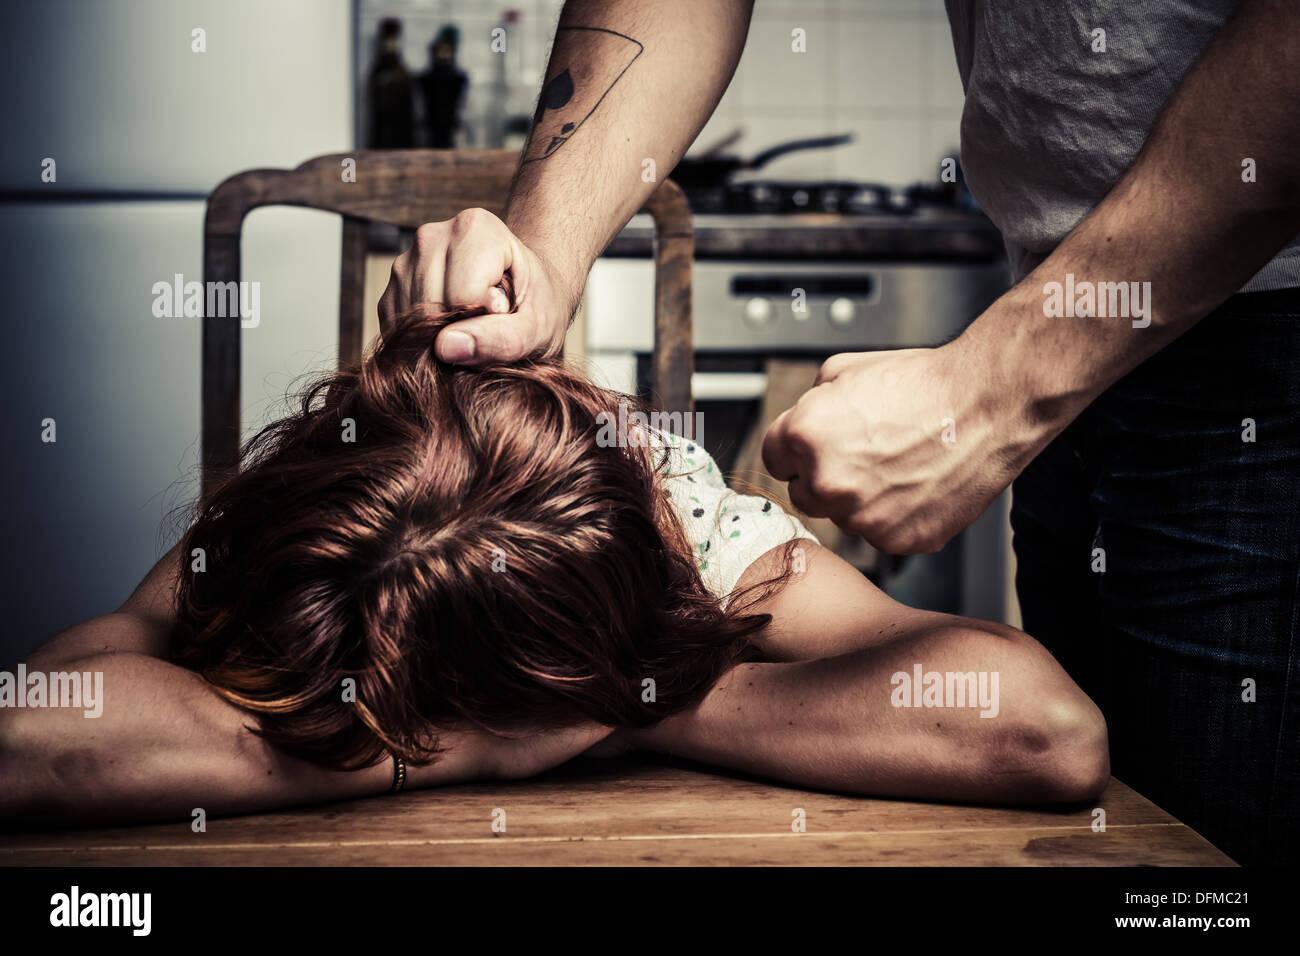 L'homme en tirant les cheveux de sa femme dans la cuisine Photo Stock